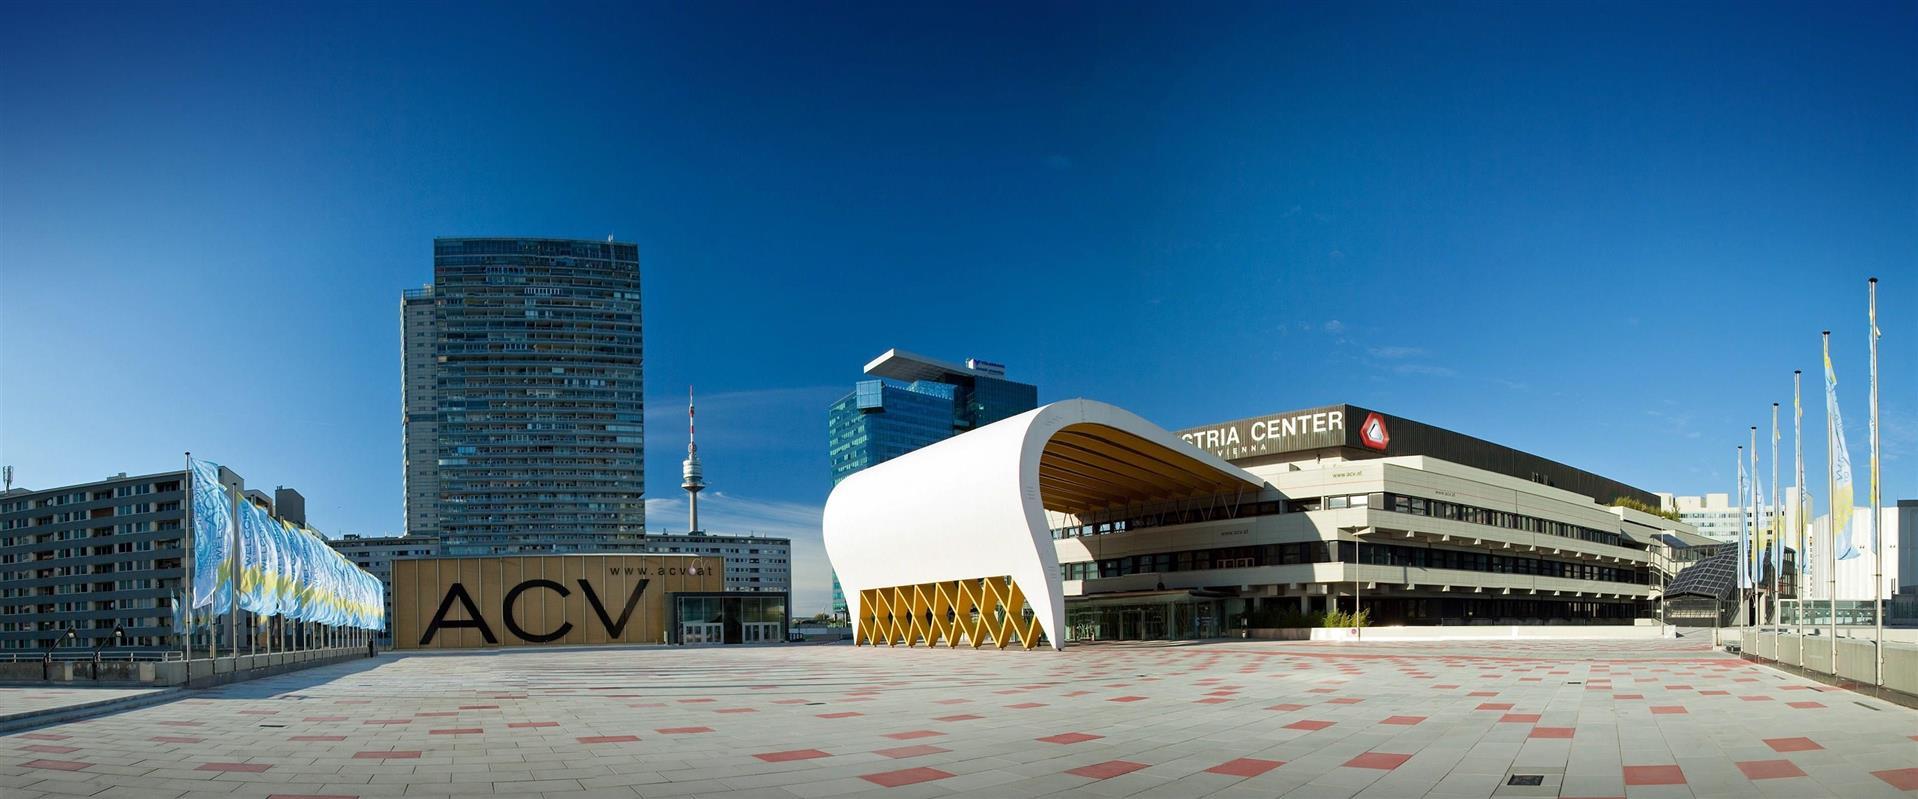 Meetings And Events At Melia Vienna Vienna At